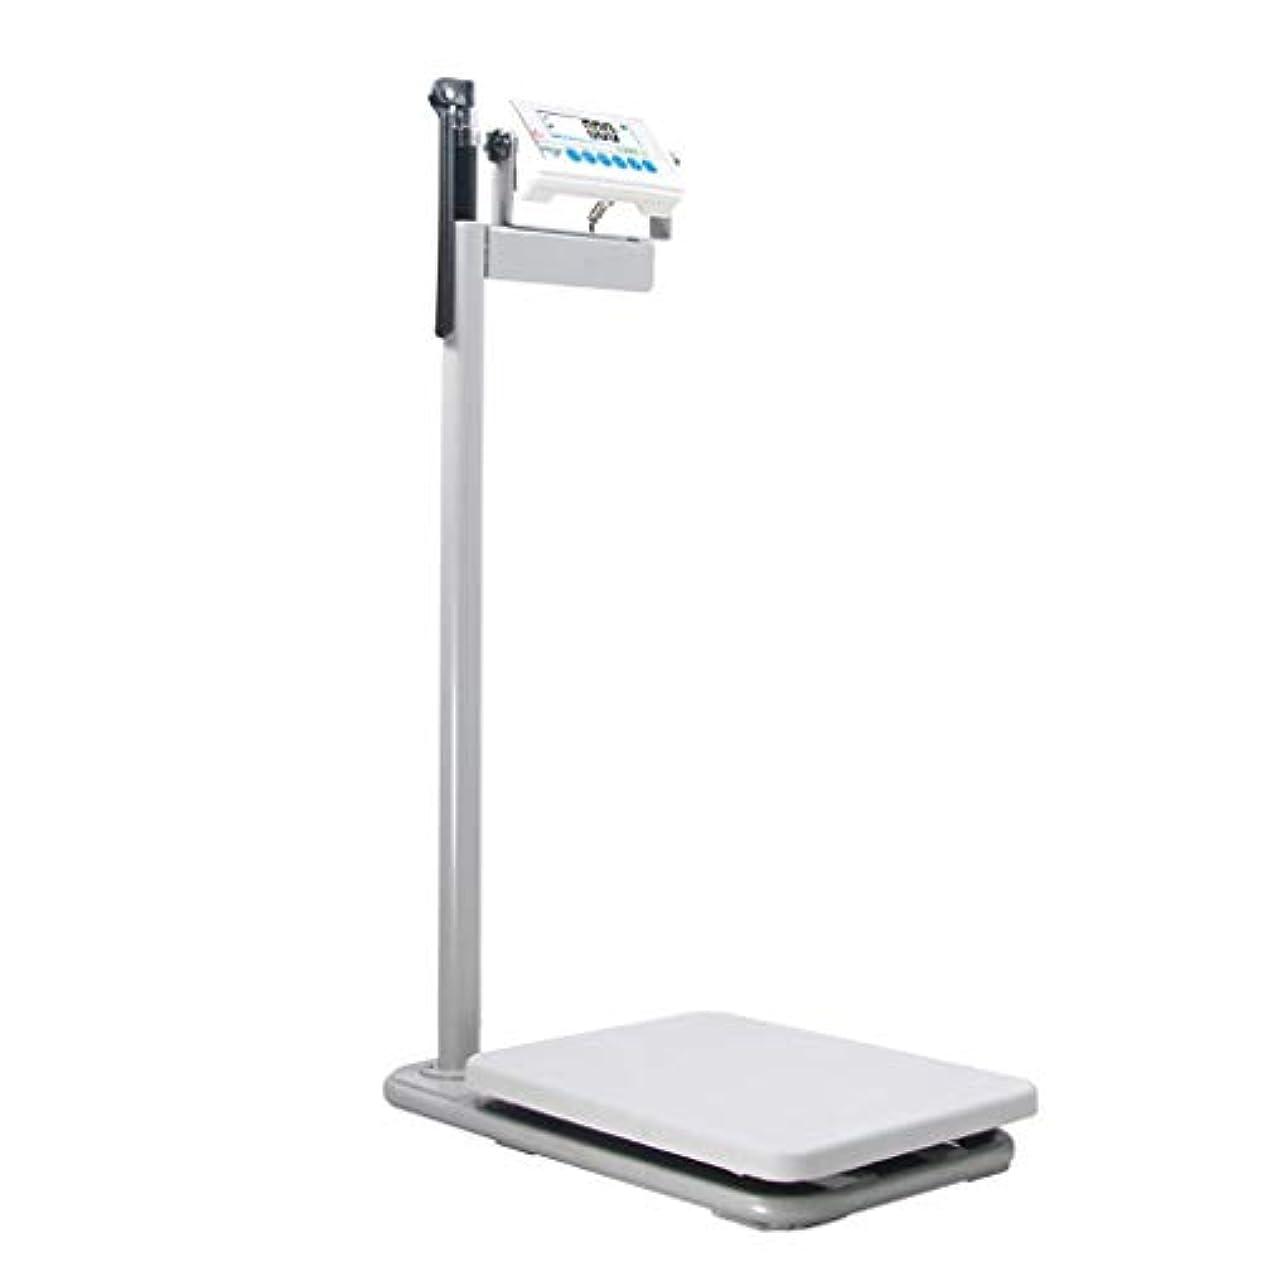 マウント消費分割電子スケール、高精度の高さおよび重量のスケール - 90度の回転を用いるHD表示画面 - 440ポンド容量/ 200kg、81-210cm、家用、ジム